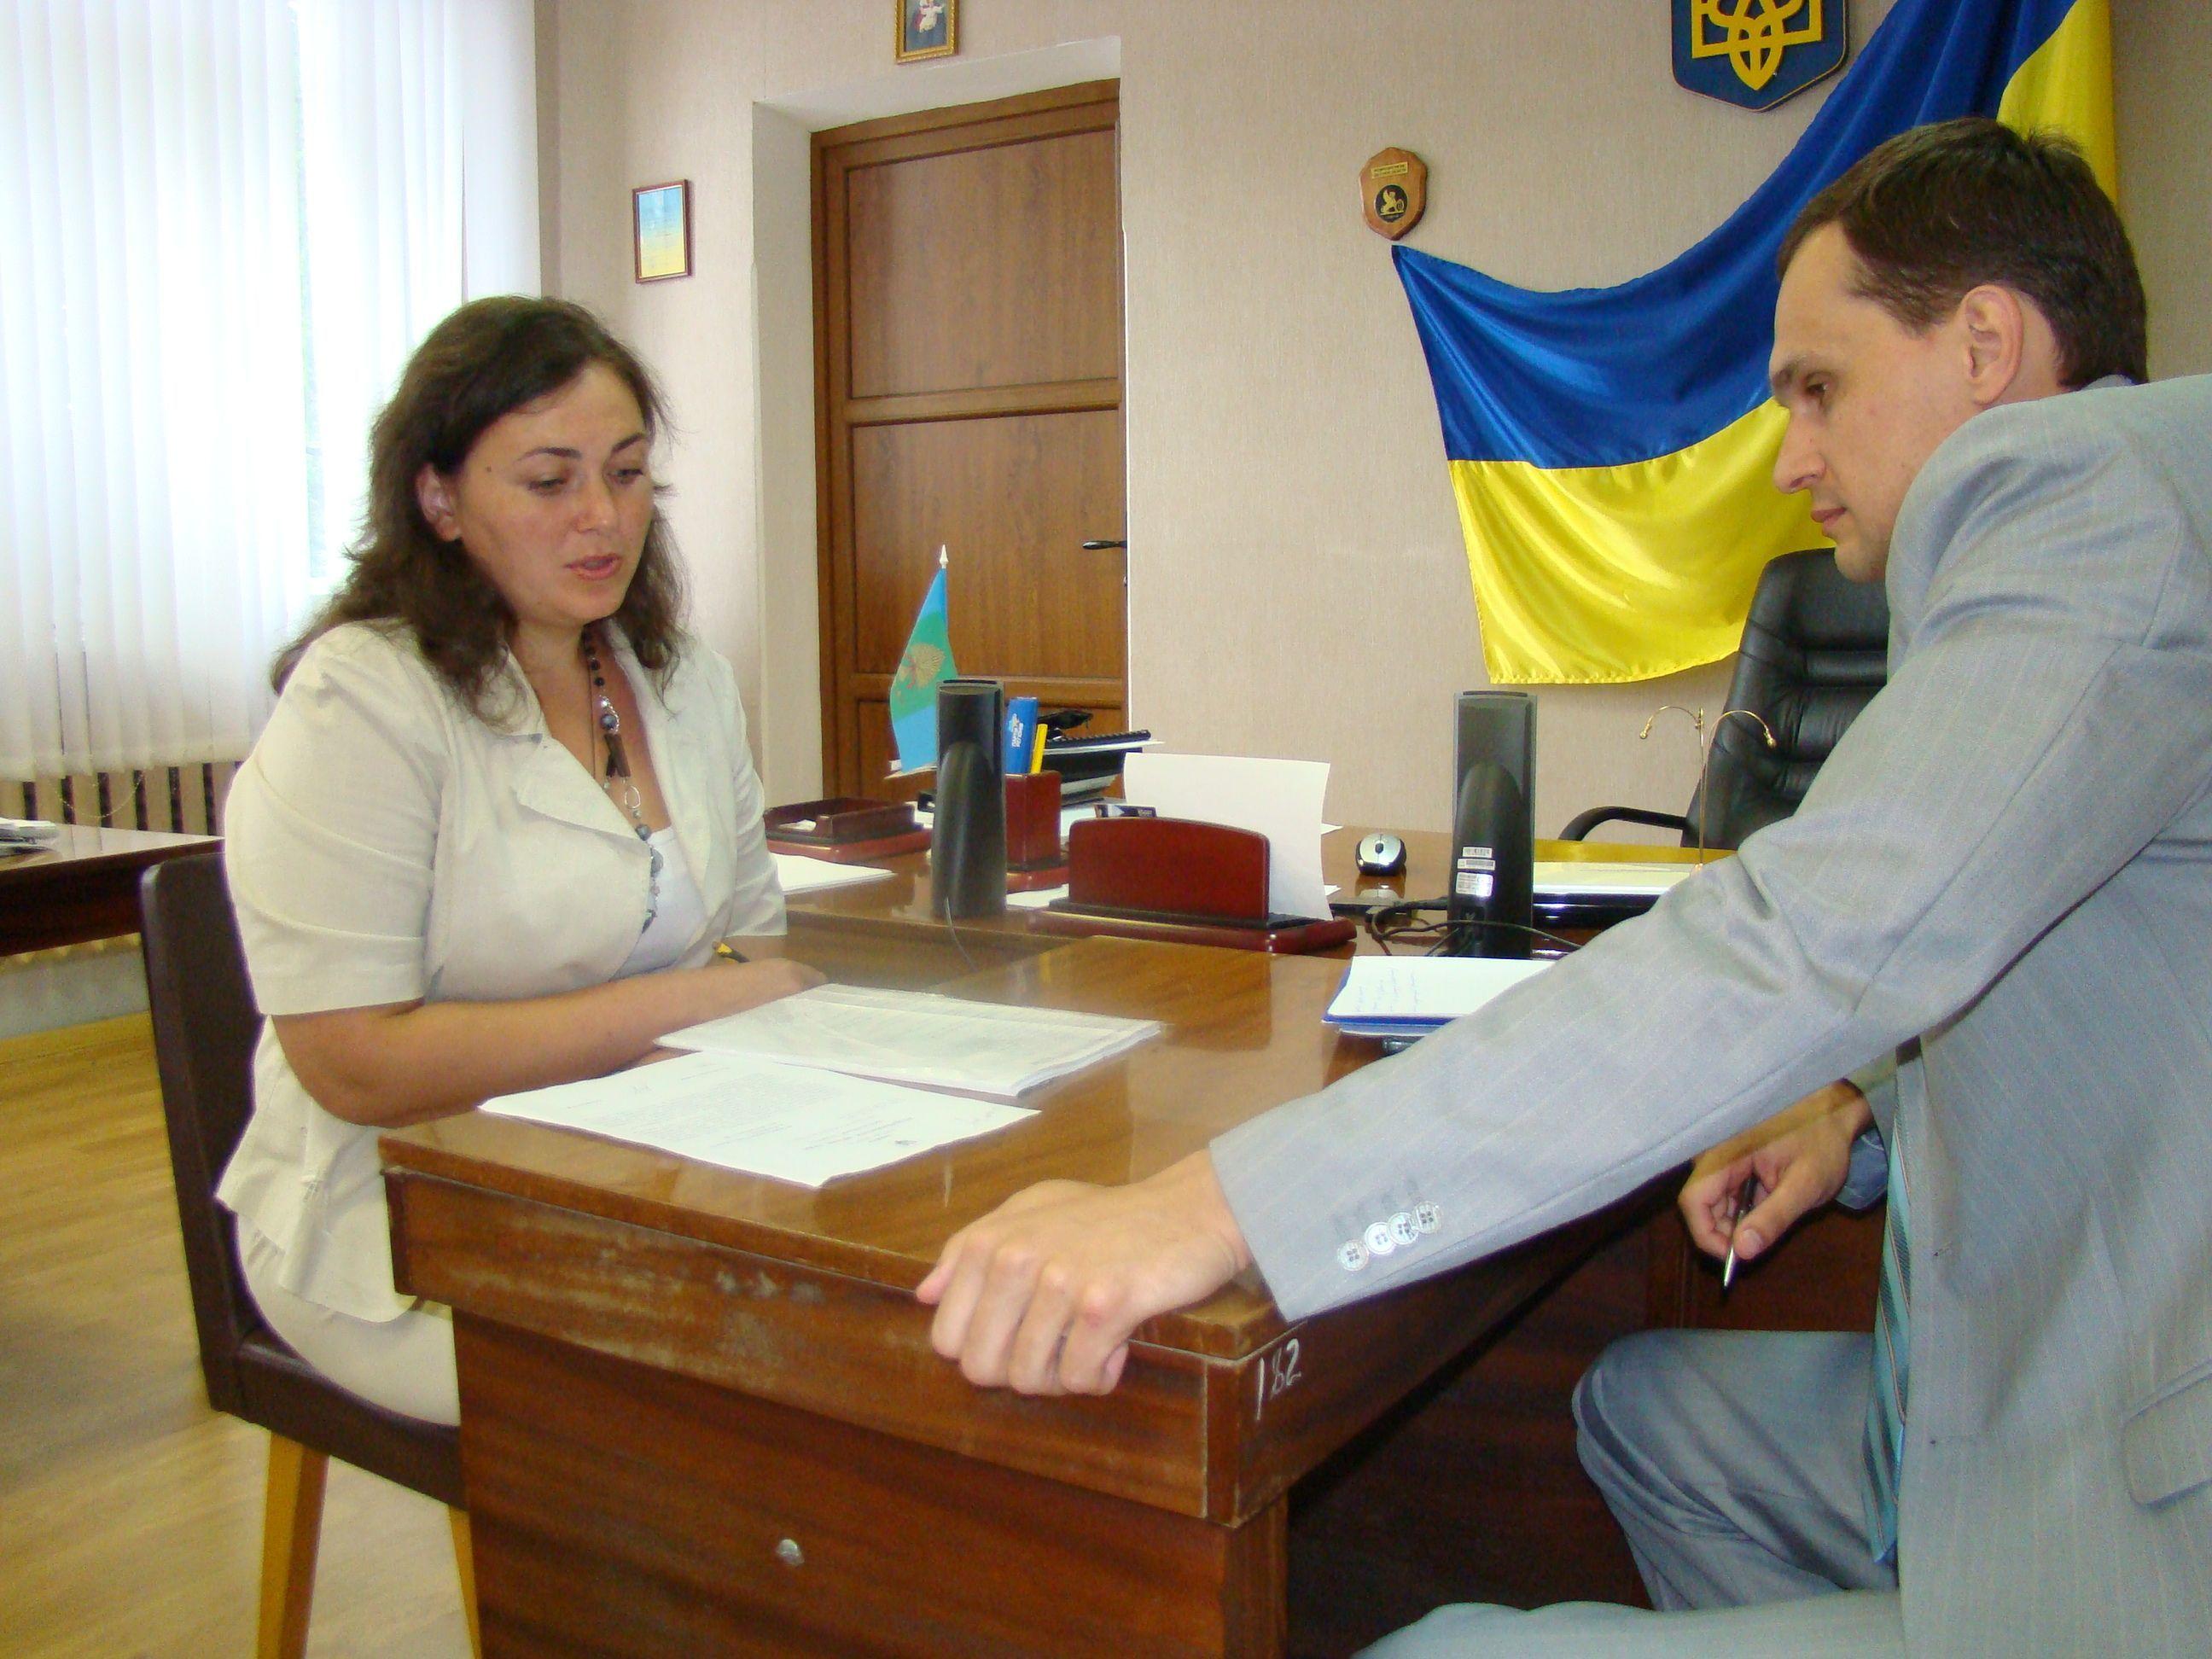 Жителям Коминтерновского района есть куда пожаловаться.